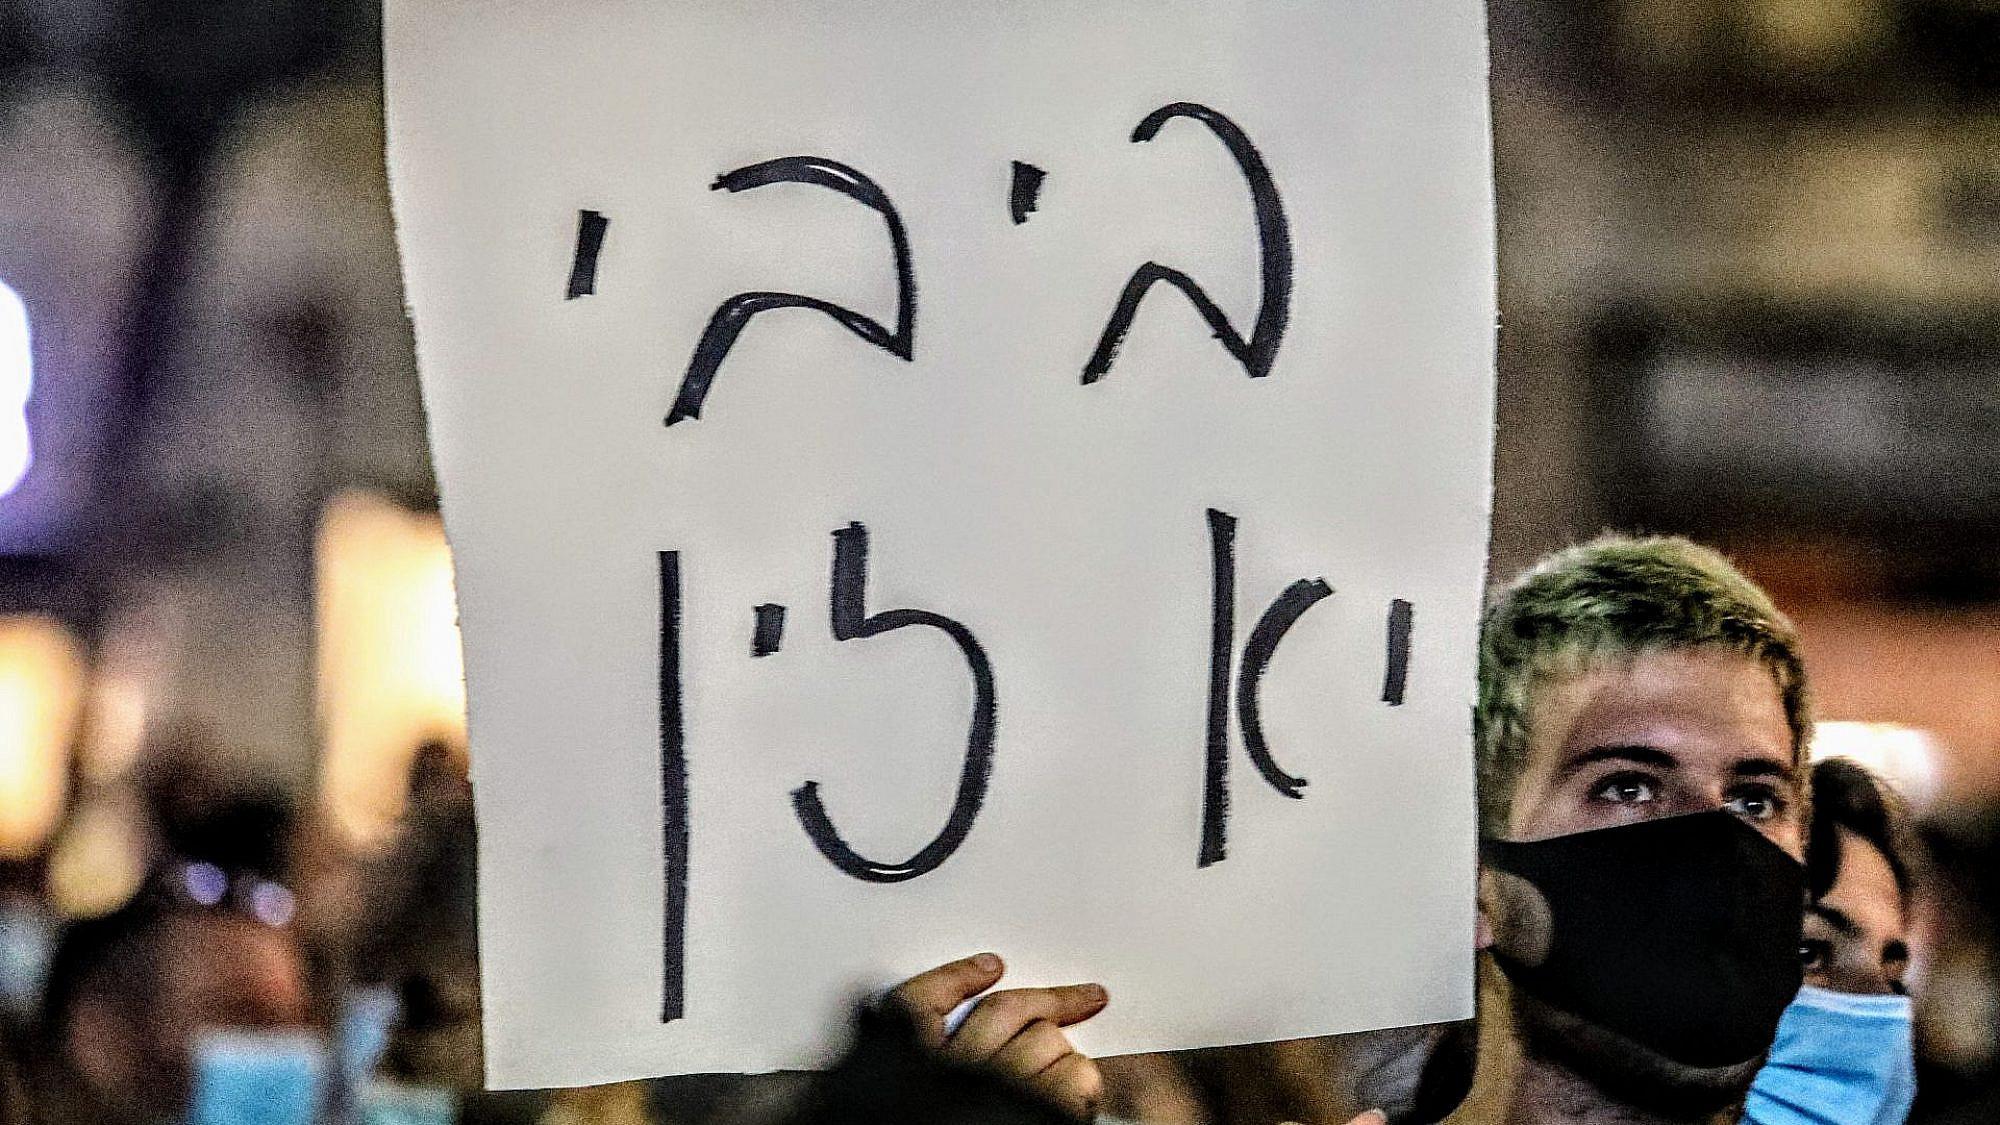 """המוחים יצאו יותר מתוסכלים מכפי שהגיעו. מחאת העצמאים במוצ""""ש (צילום: שלומי יוסף)"""